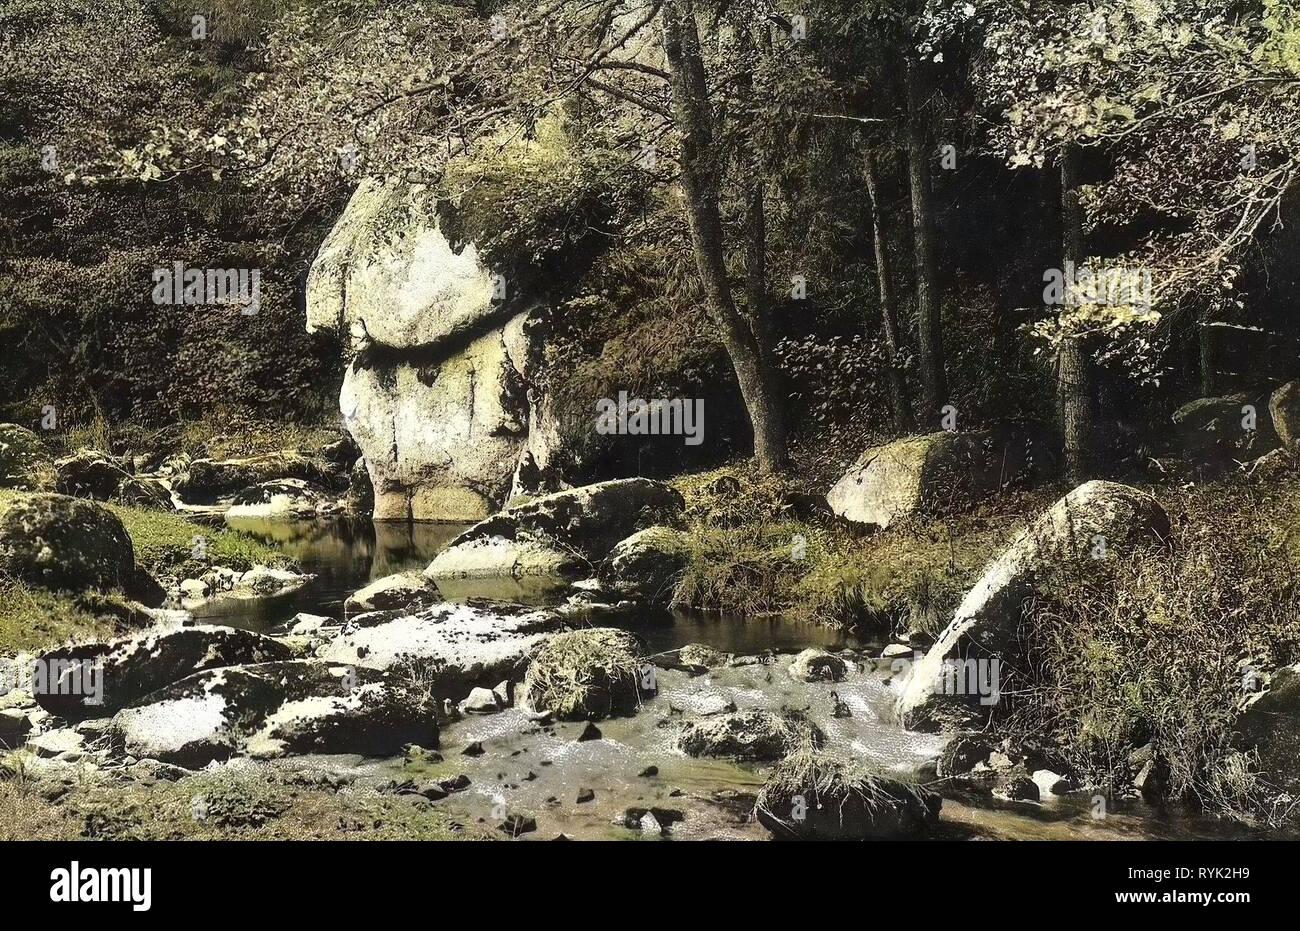 En Karlovy Vary, rocas, ríos, bosques en Karlovy Vary en Karlovy Vary, 1914, Región de Karlovy Vary, Karlsbad, Der wütende Stein, República Checa Foto de stock